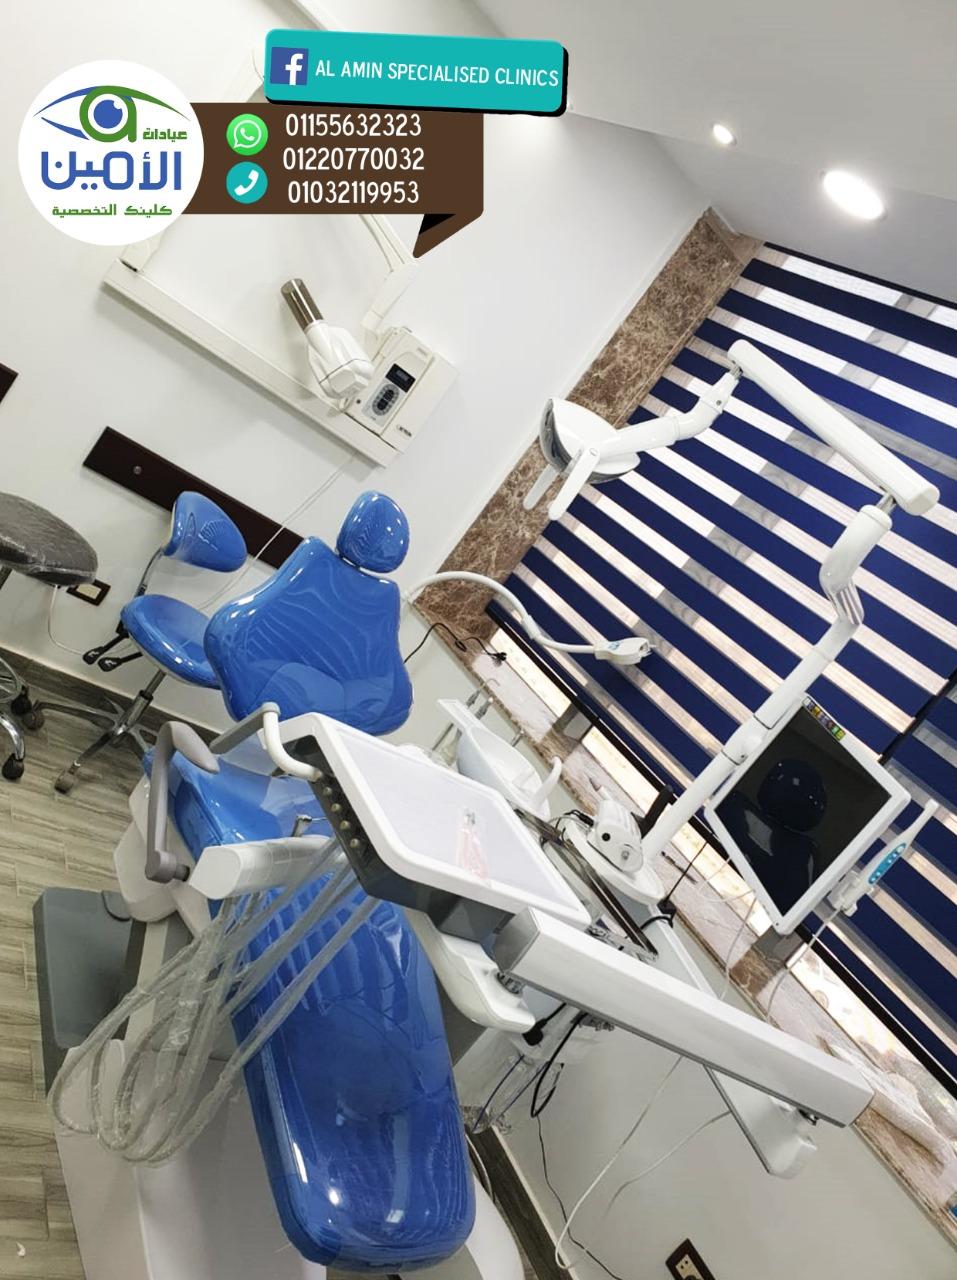 مجمع عيادات أسنان الأمين كلينك التخصصية